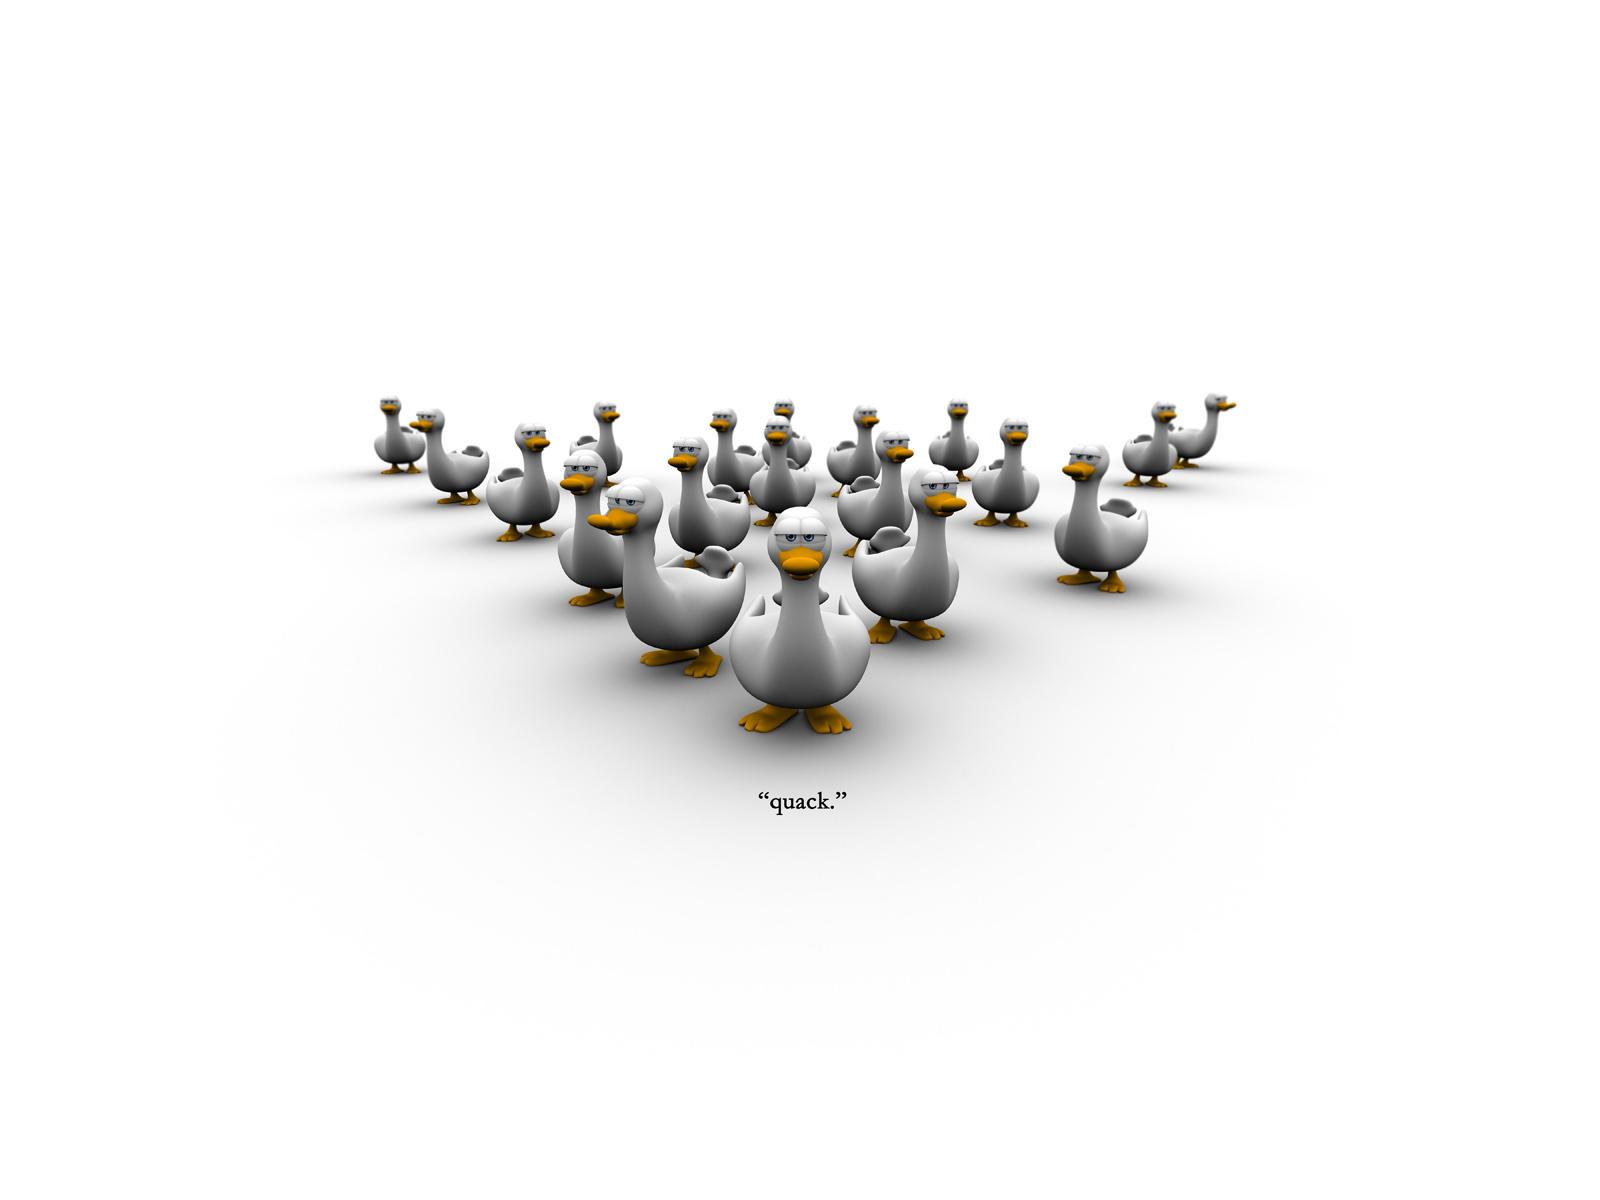 Quack by smashmethod